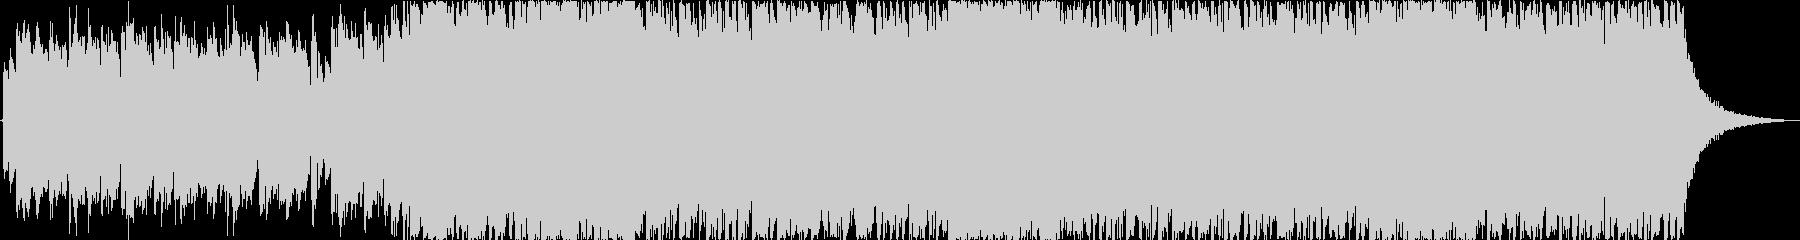 ギターとハーモニクスのキラキラポップスの未再生の波形